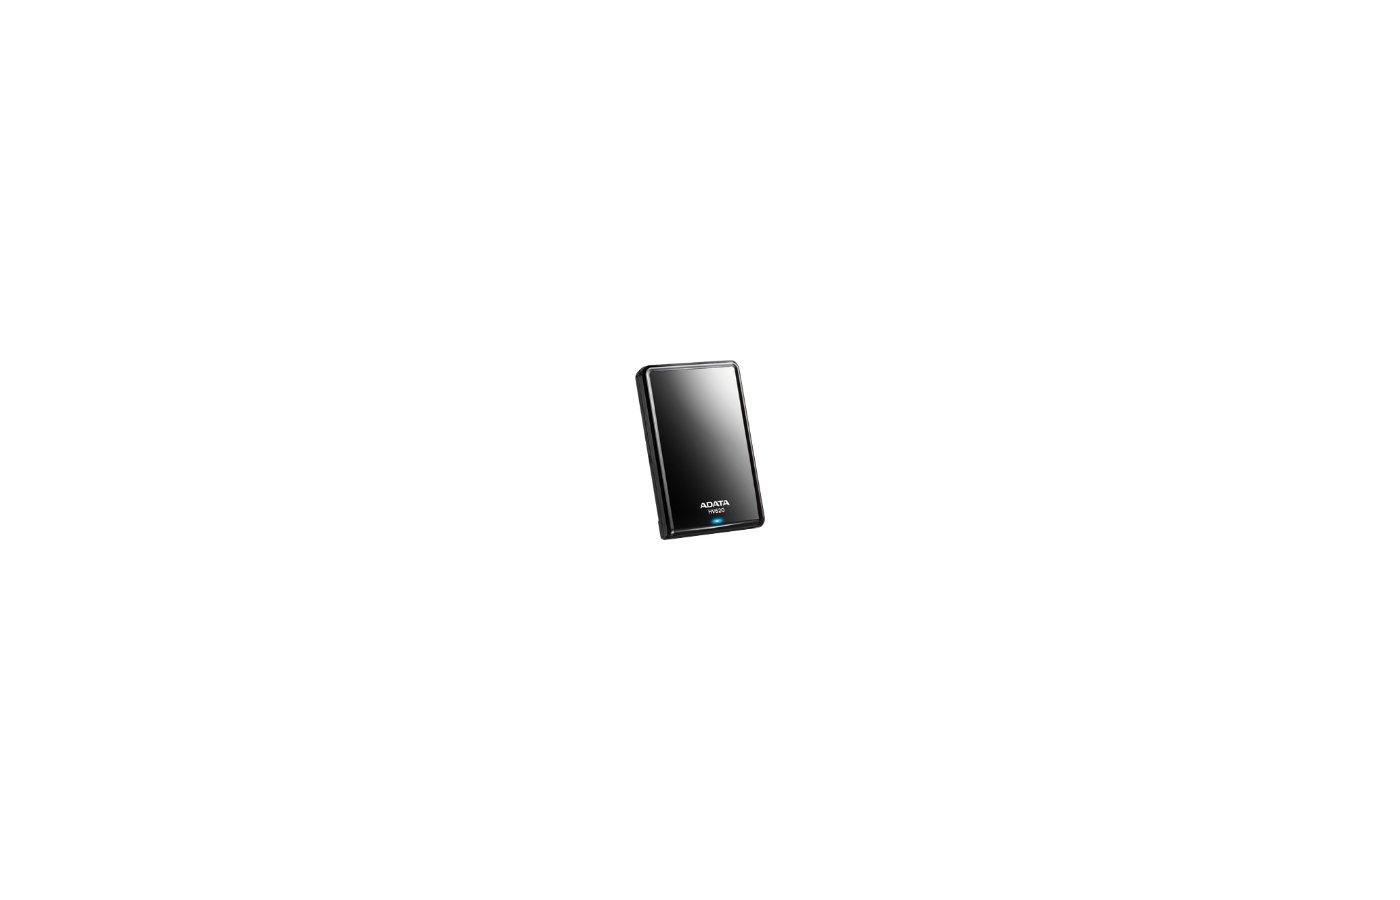 """Внешний жесткий диск A-Data USB 3.0 1Tb ANH13-1TU3-CBK 2.5"""" черный"""